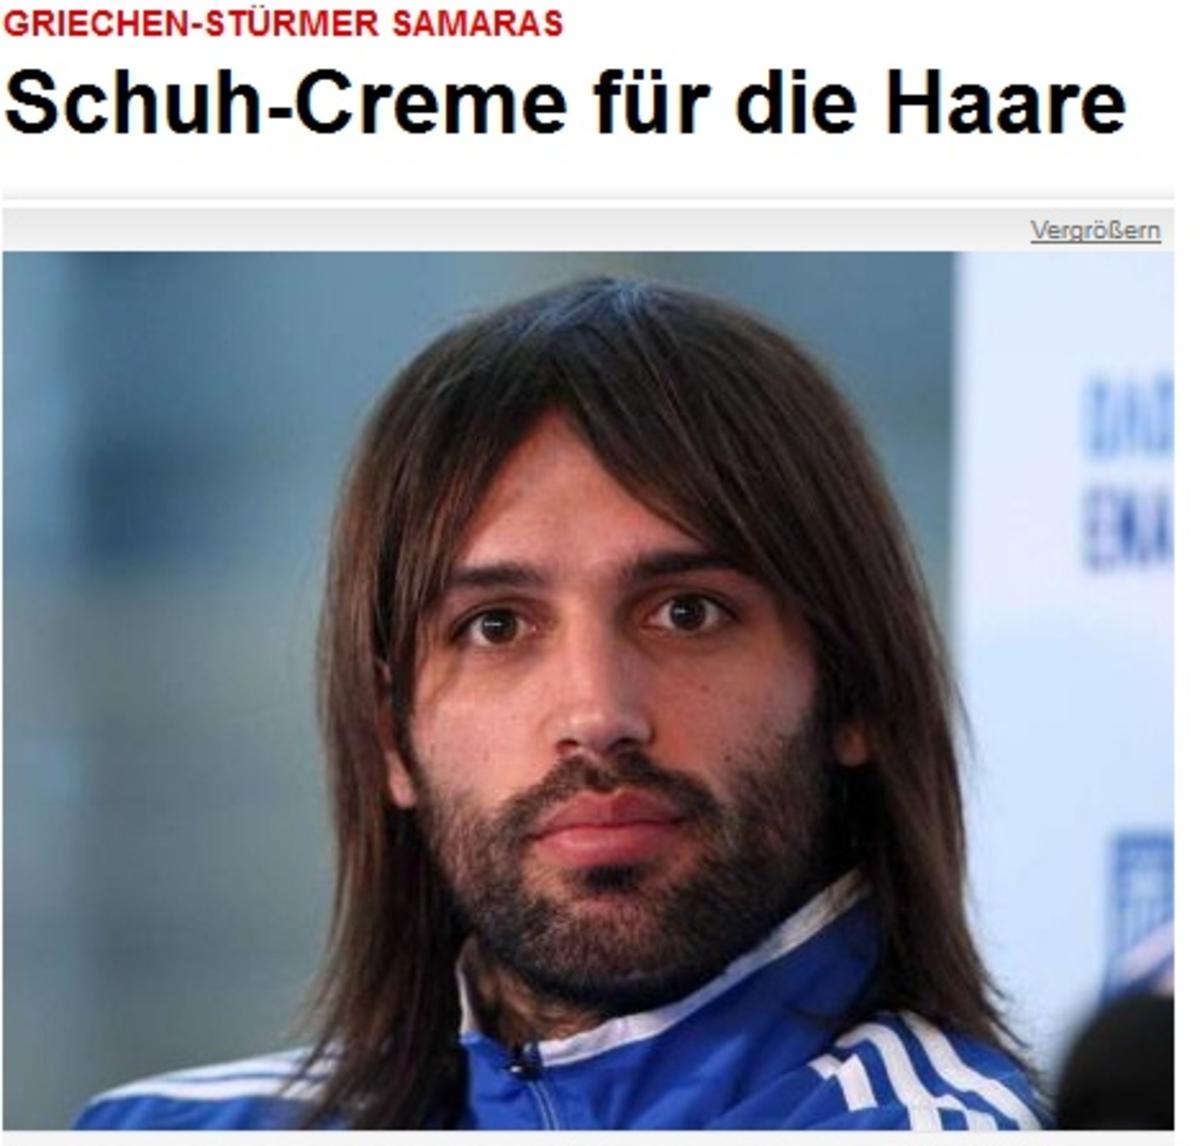 Με τις τρίχες του Σαμαρά ασχολούνται οι Γερμανοί   Newsit.gr